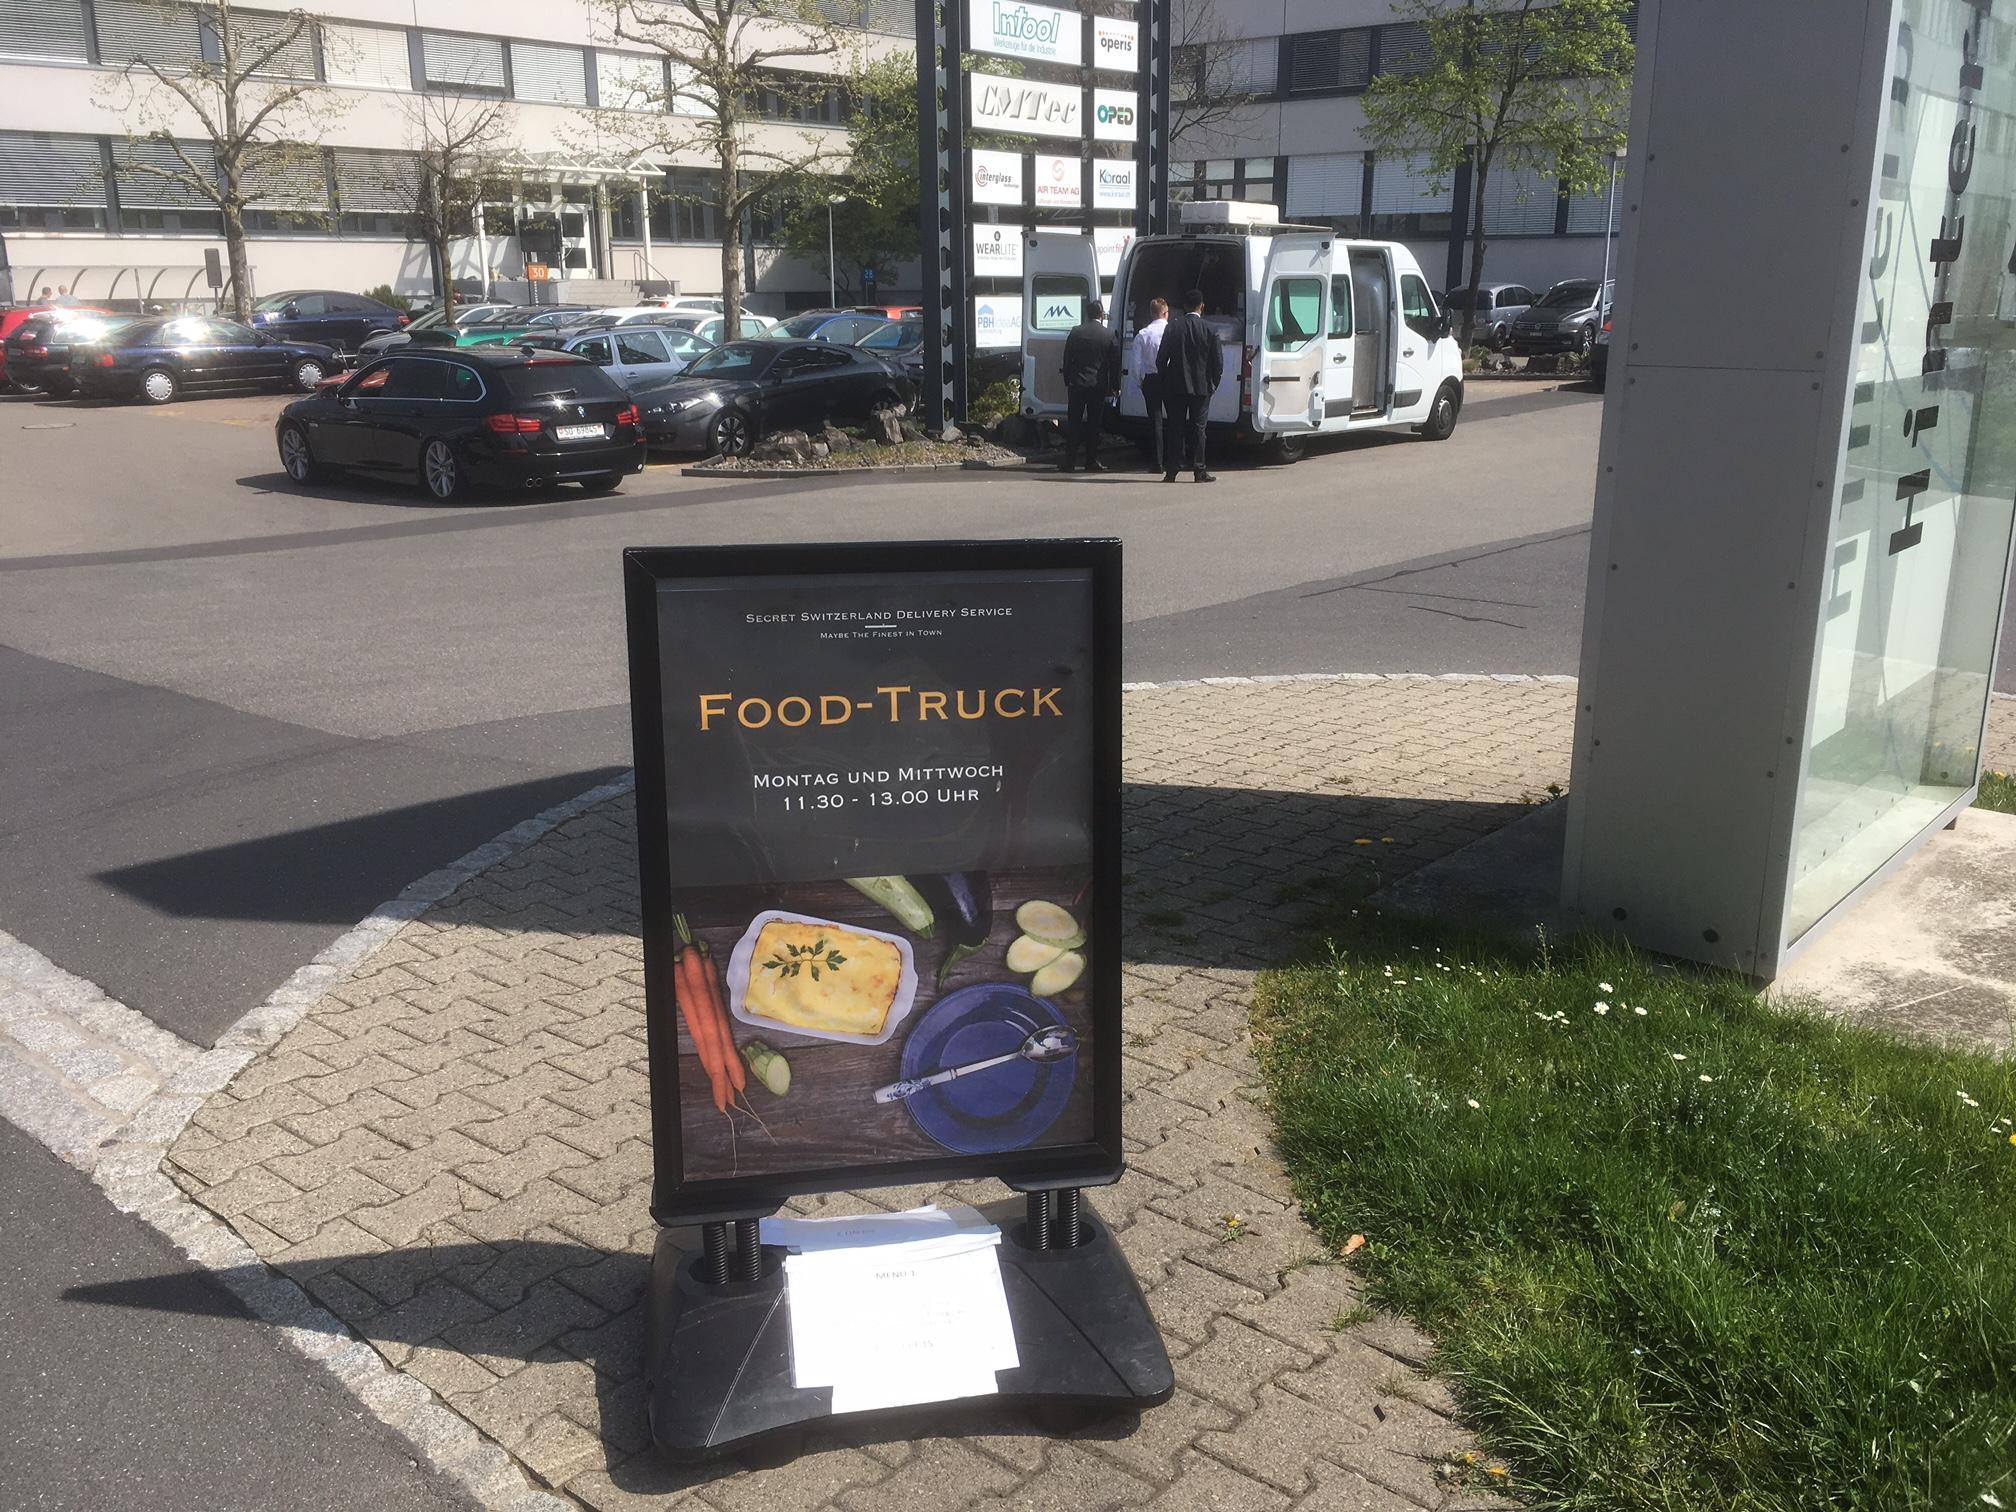 Cleveres Marketing: Am jeweiligen Wochentag macht ein Schild an der Strasse darauf aufmerksam, dass der Foodtruck da ist.